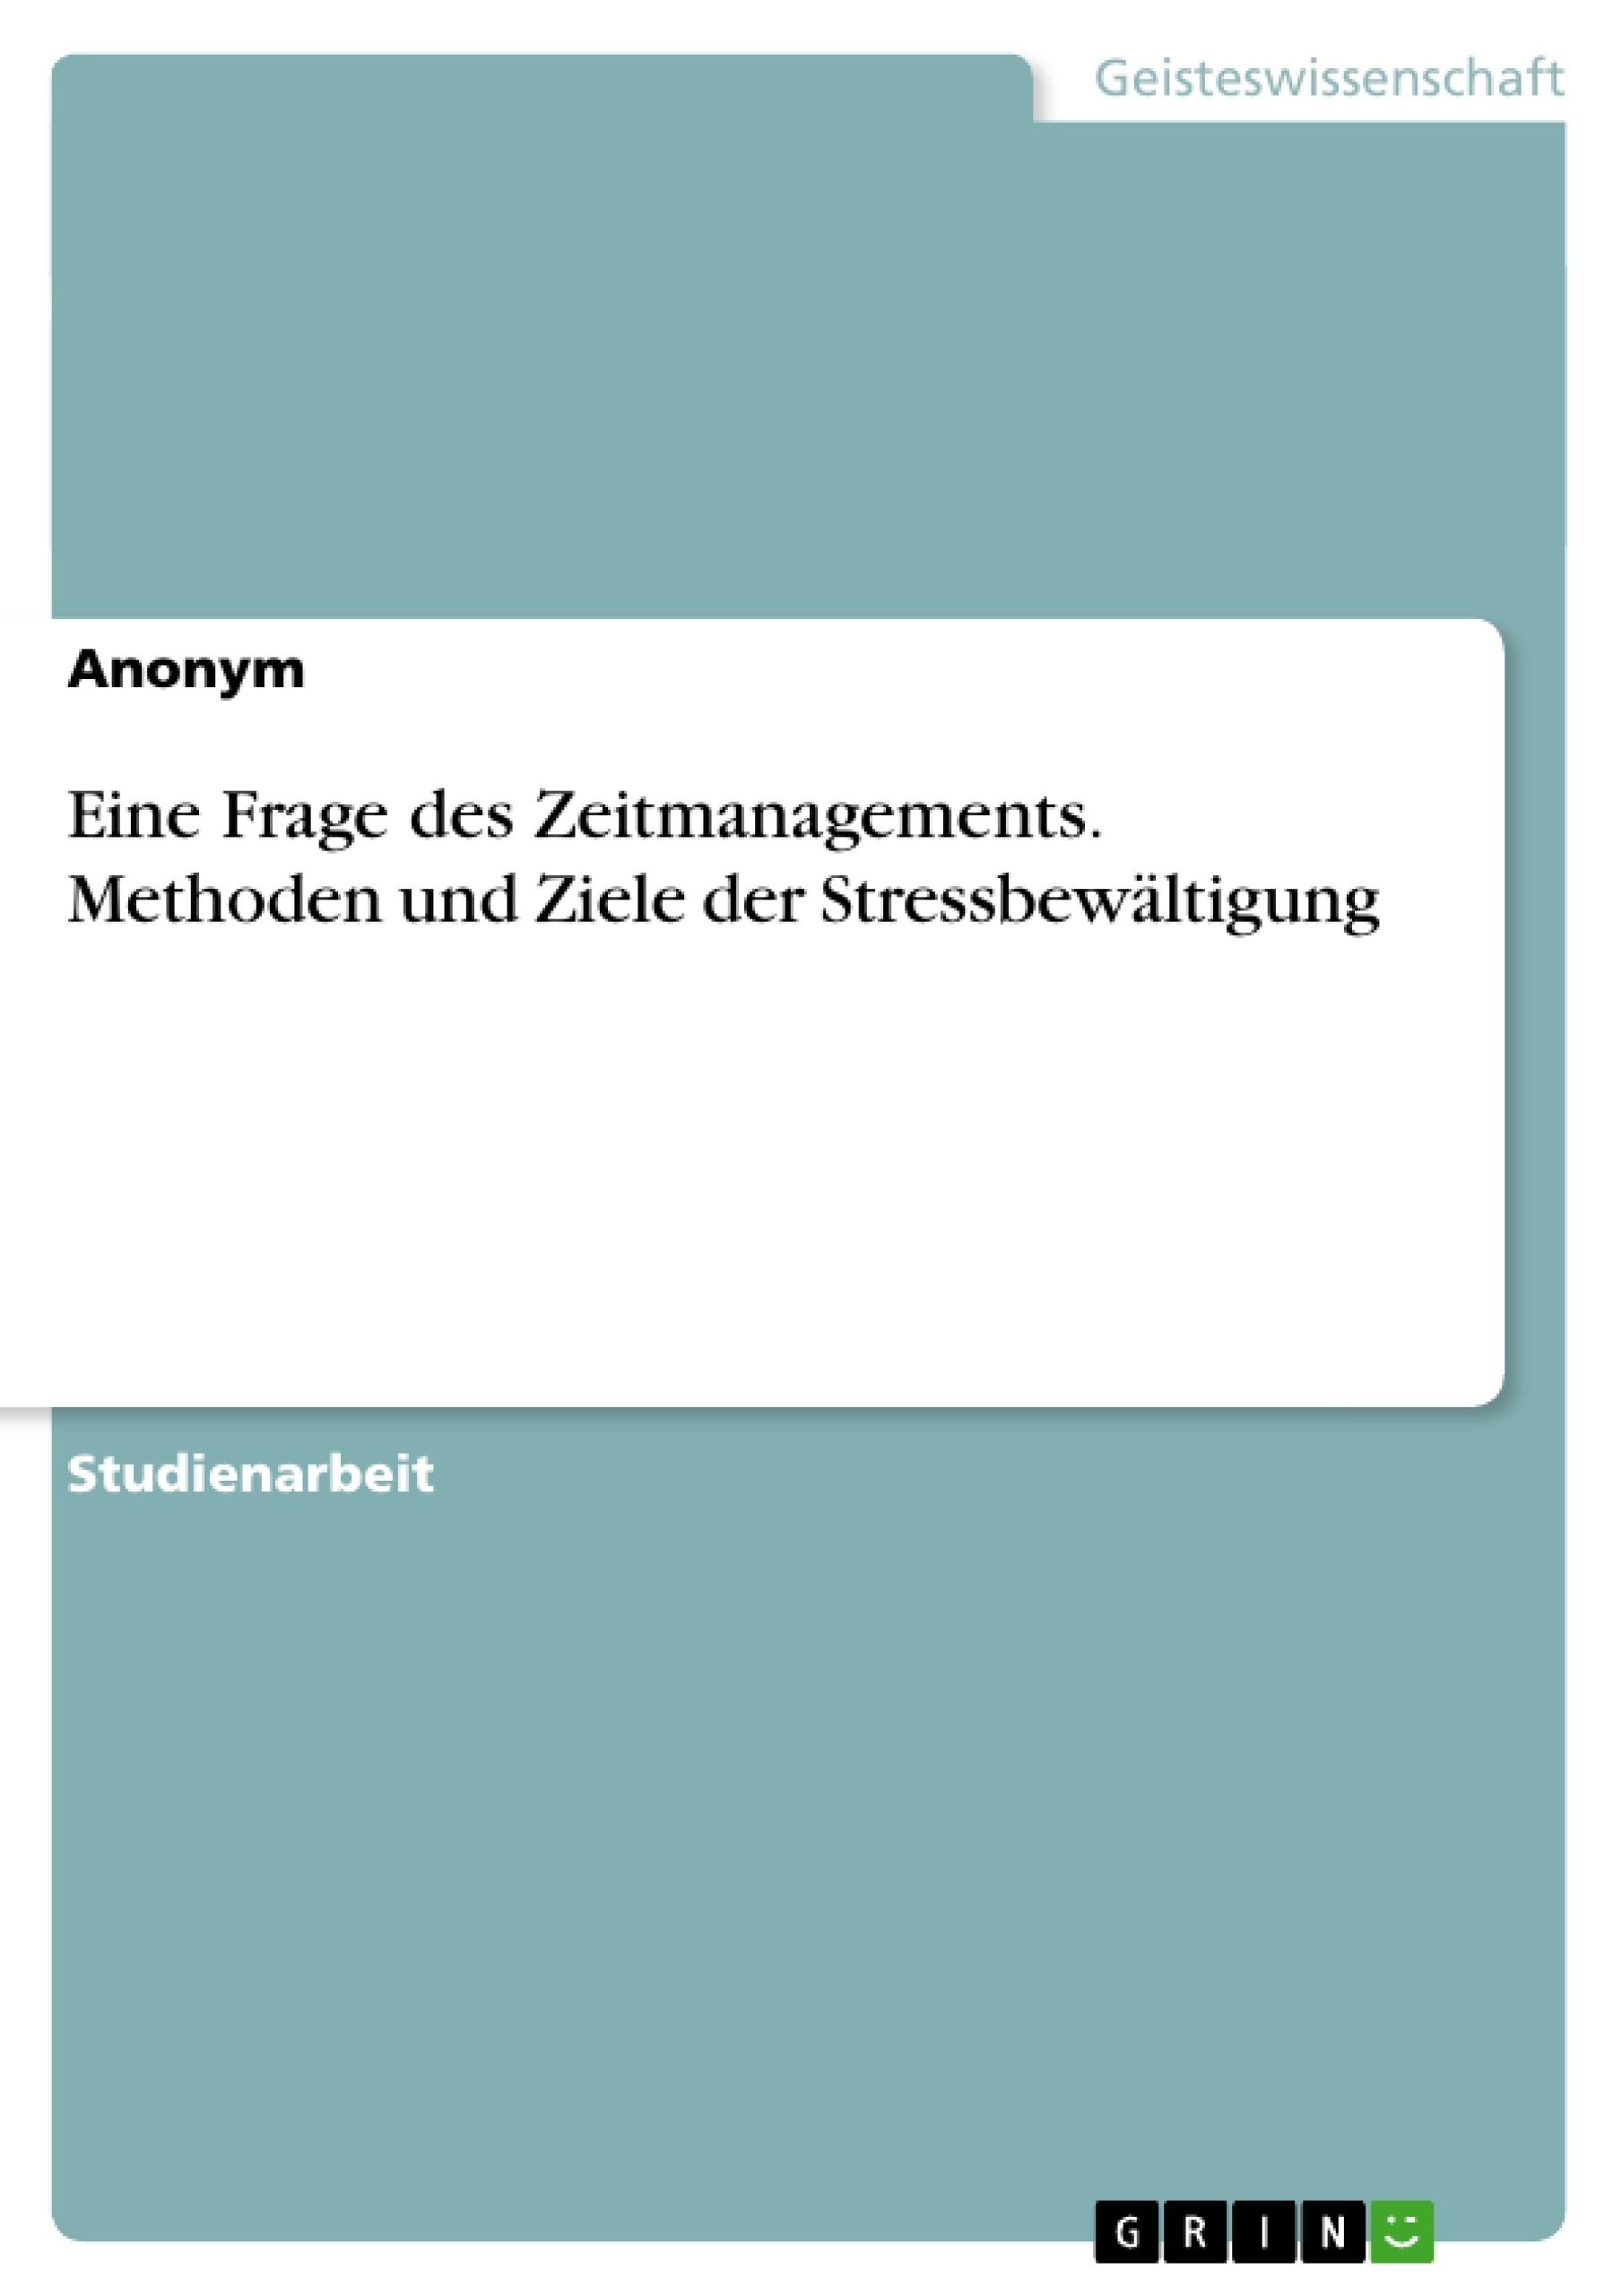 Titel: Eine Frage des Zeitmanagements. Methoden und Ziele der Stressbewältigung